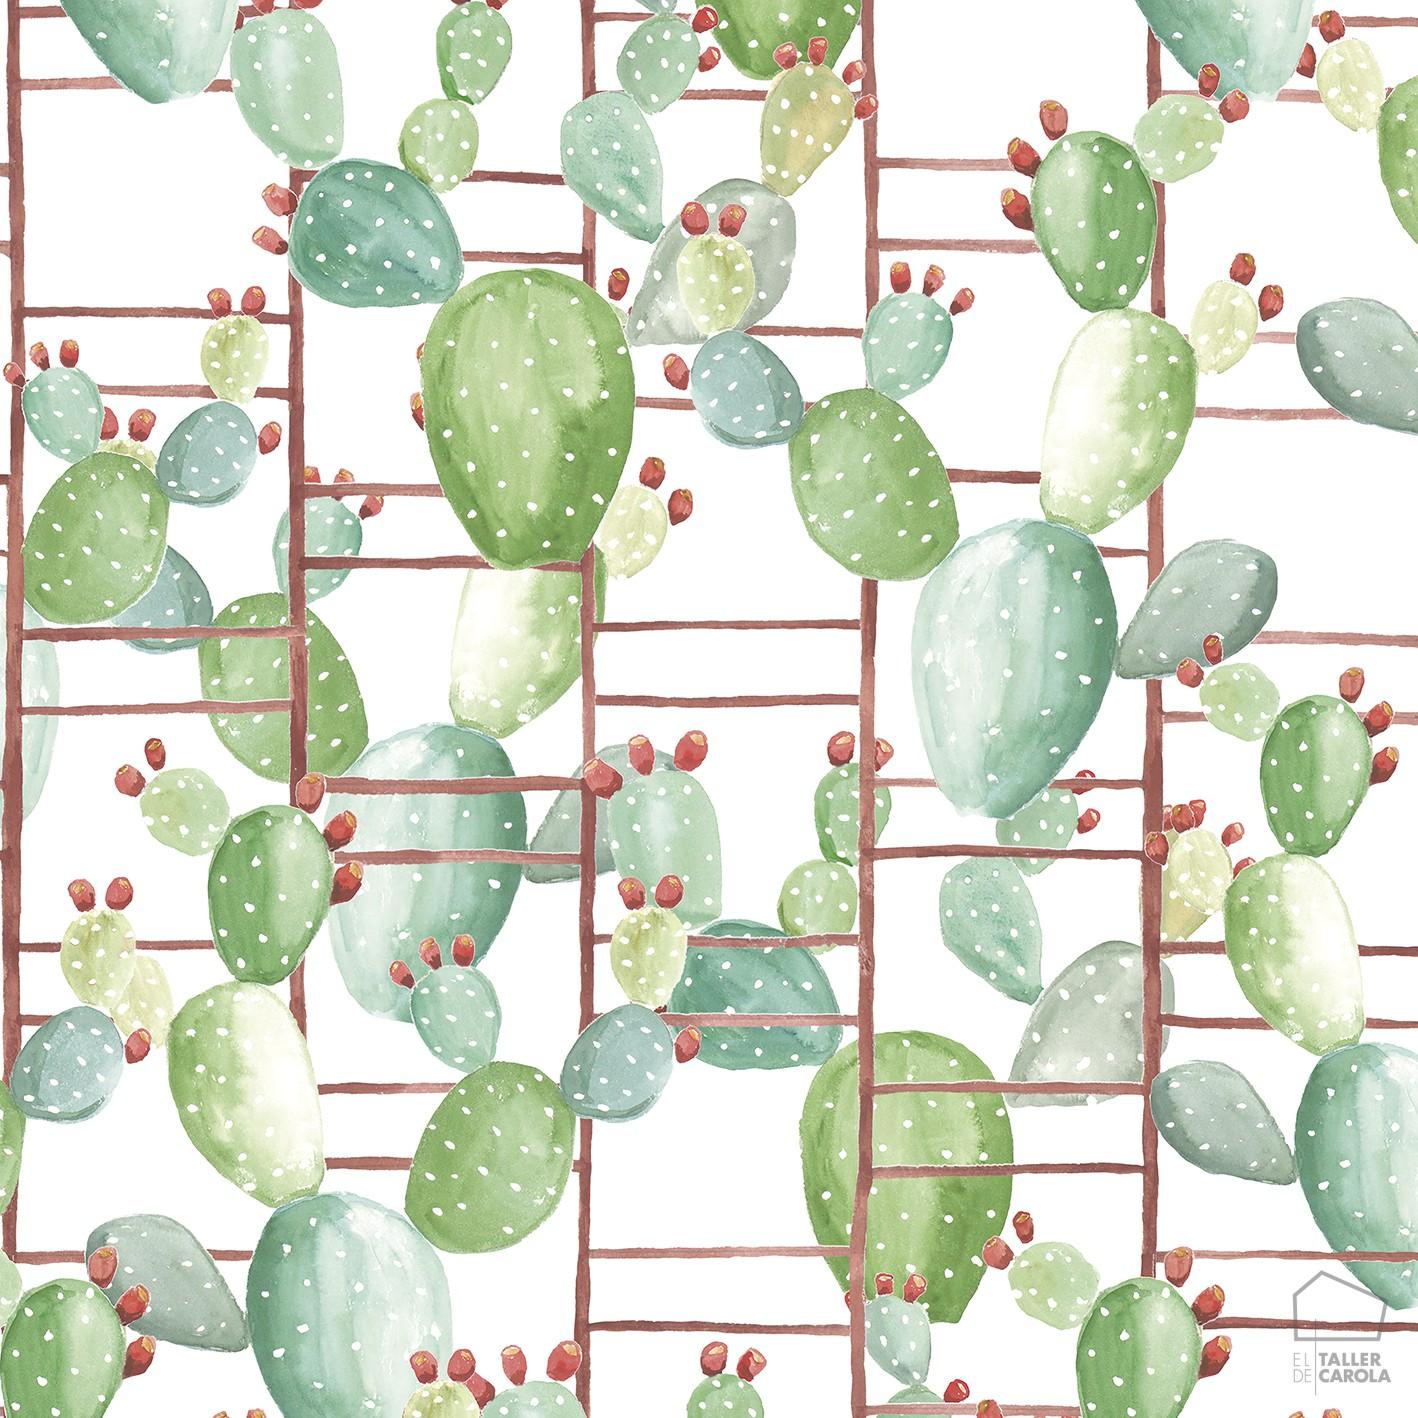 069chu5900023-papel-pintado-cactus-blanco